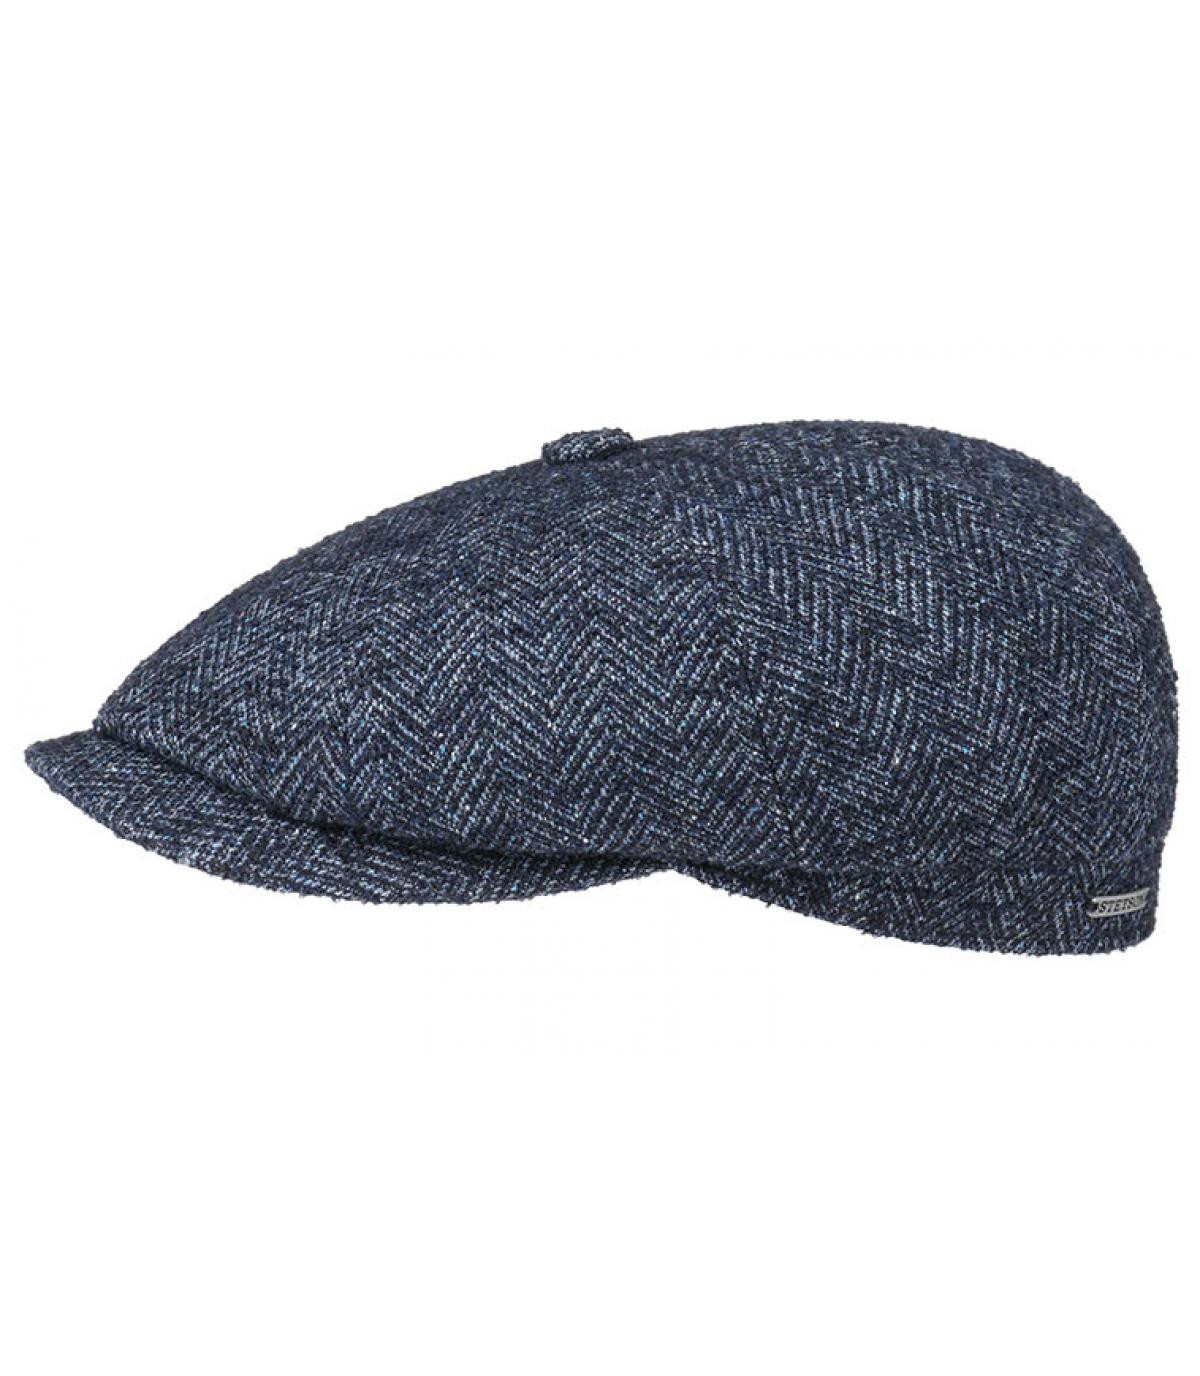 0b281258 blue newsboy cap wool - Hatteras Virgin Wool blue herringbone by ...